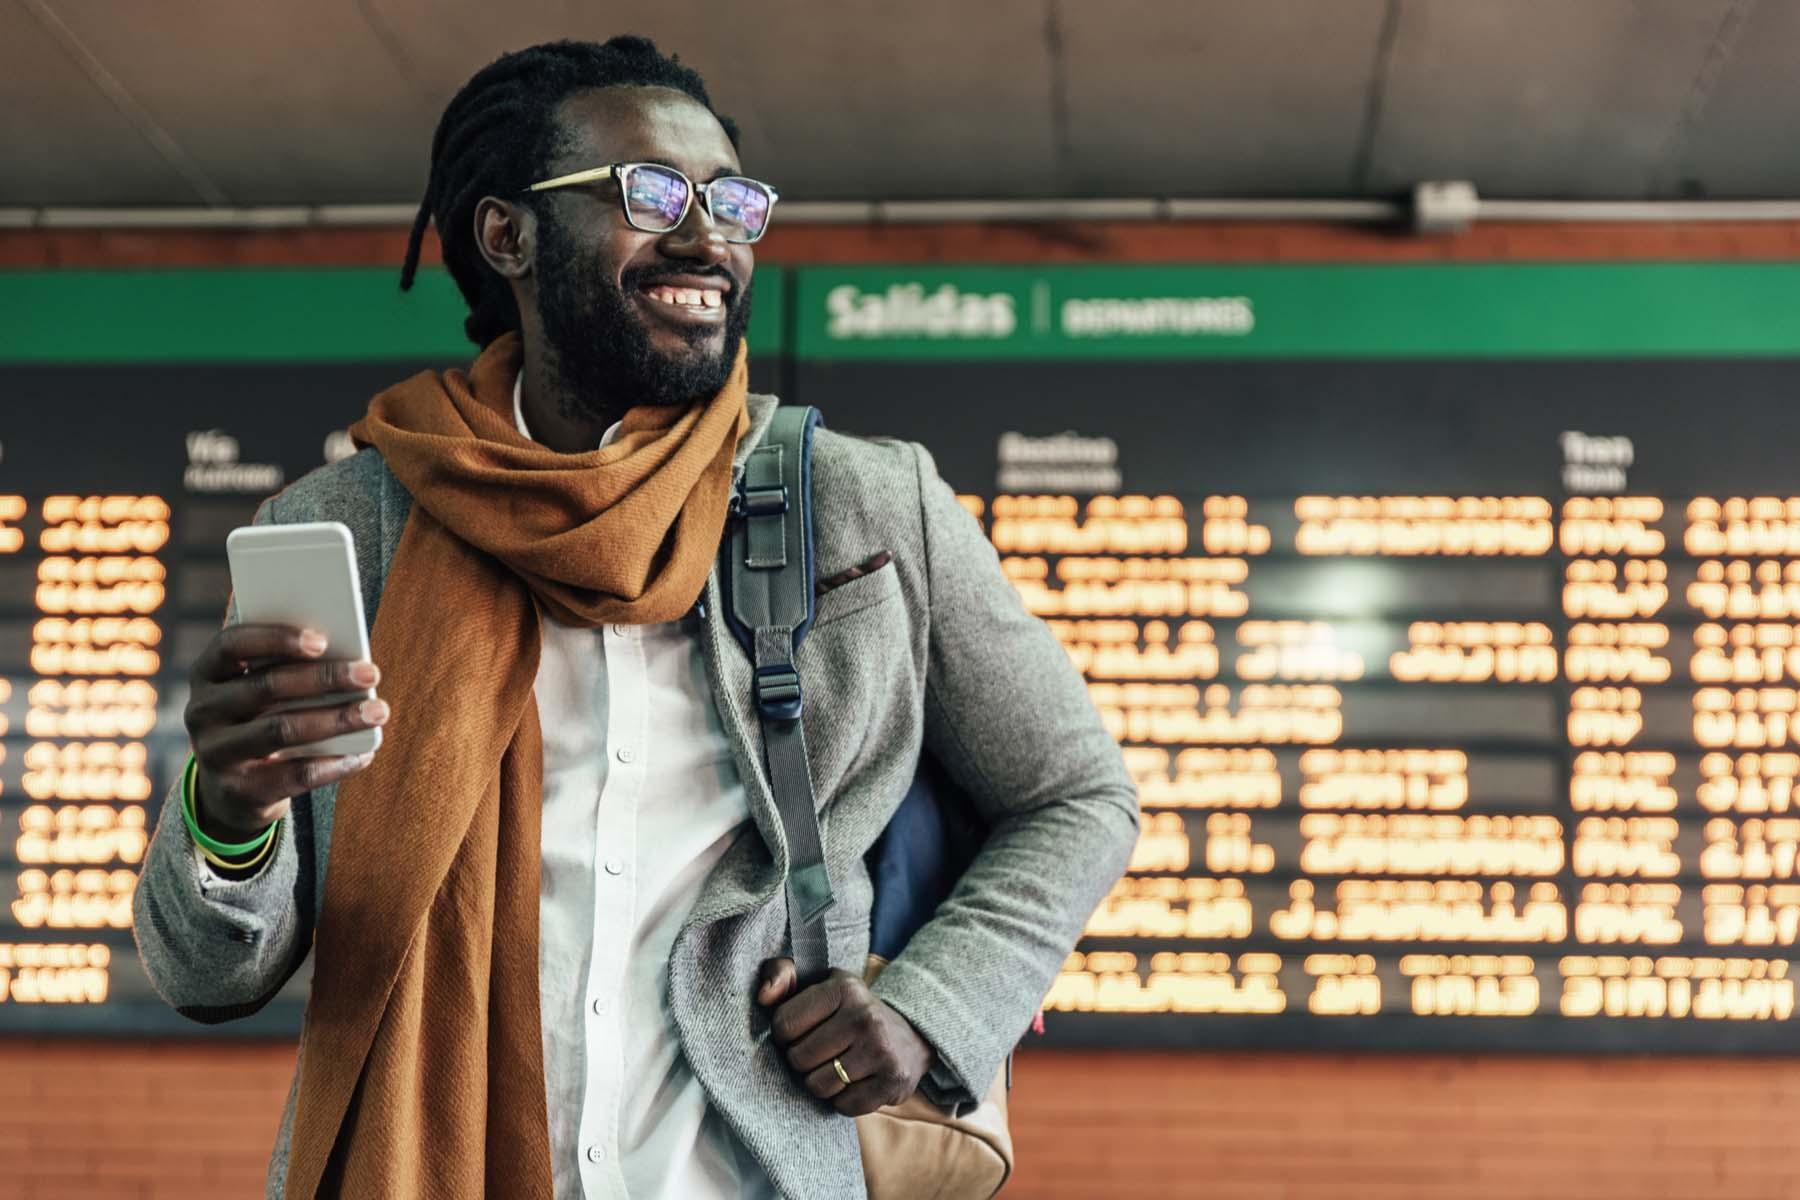 Spanish station phone